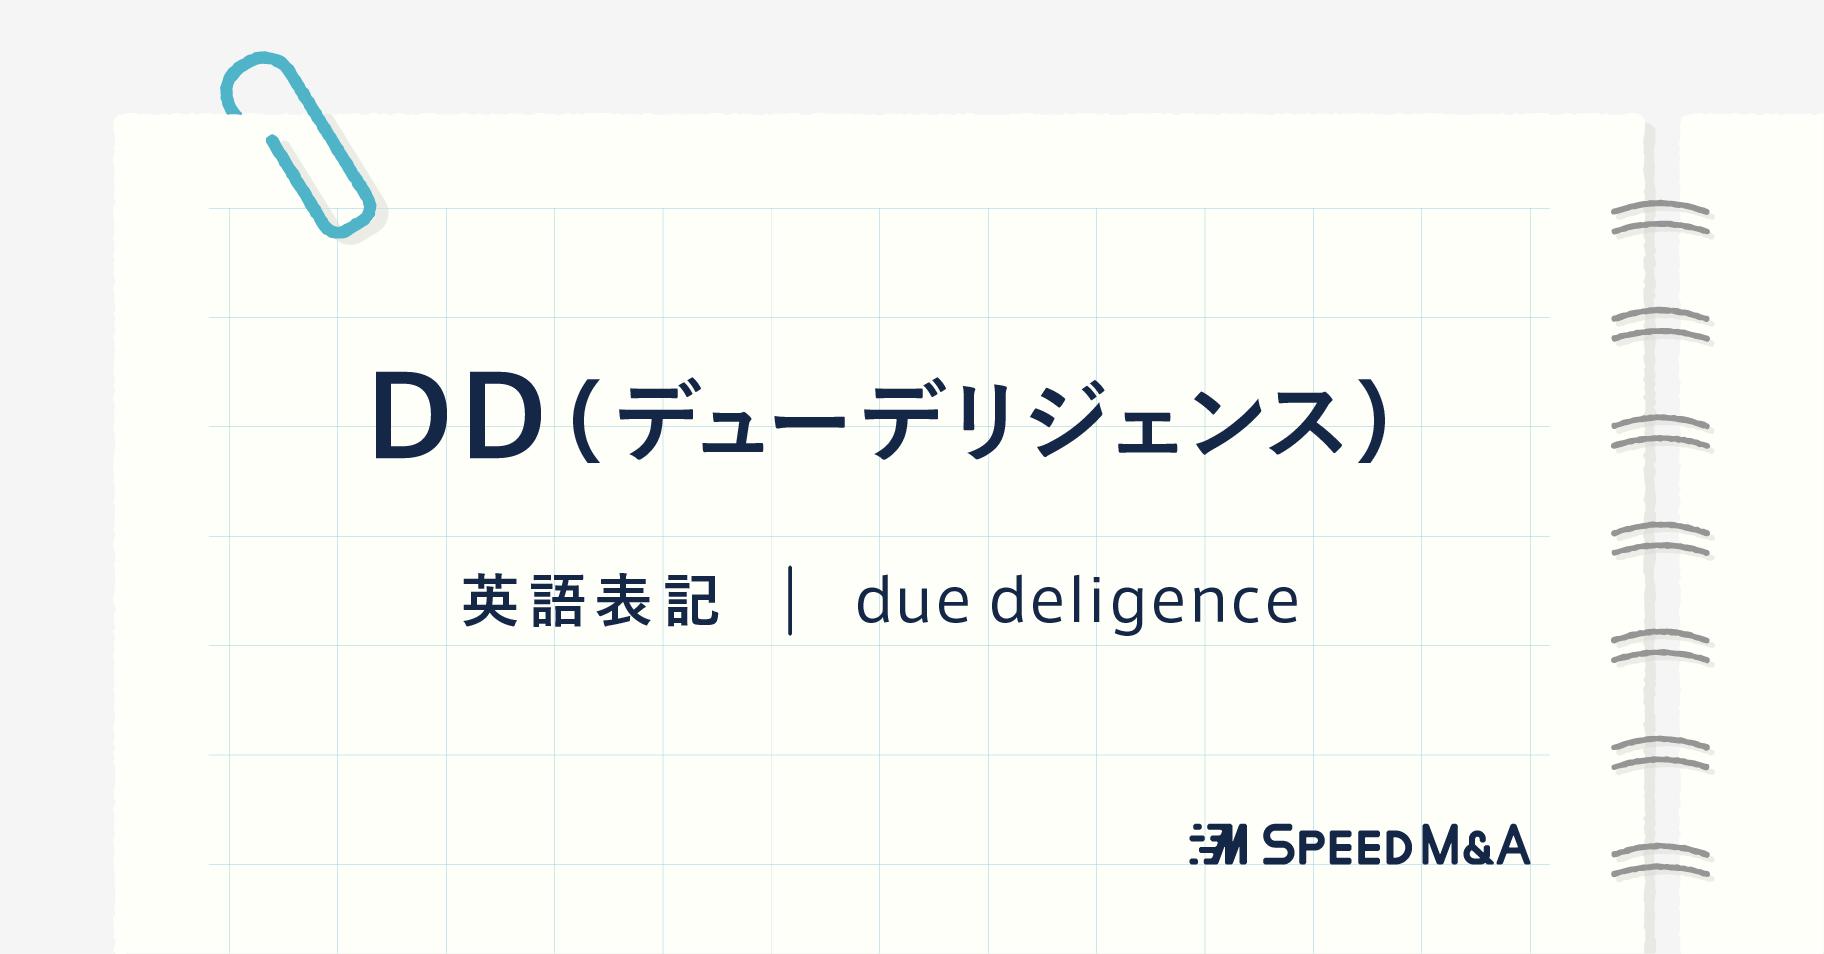 DD(デューデリジェンス)とは